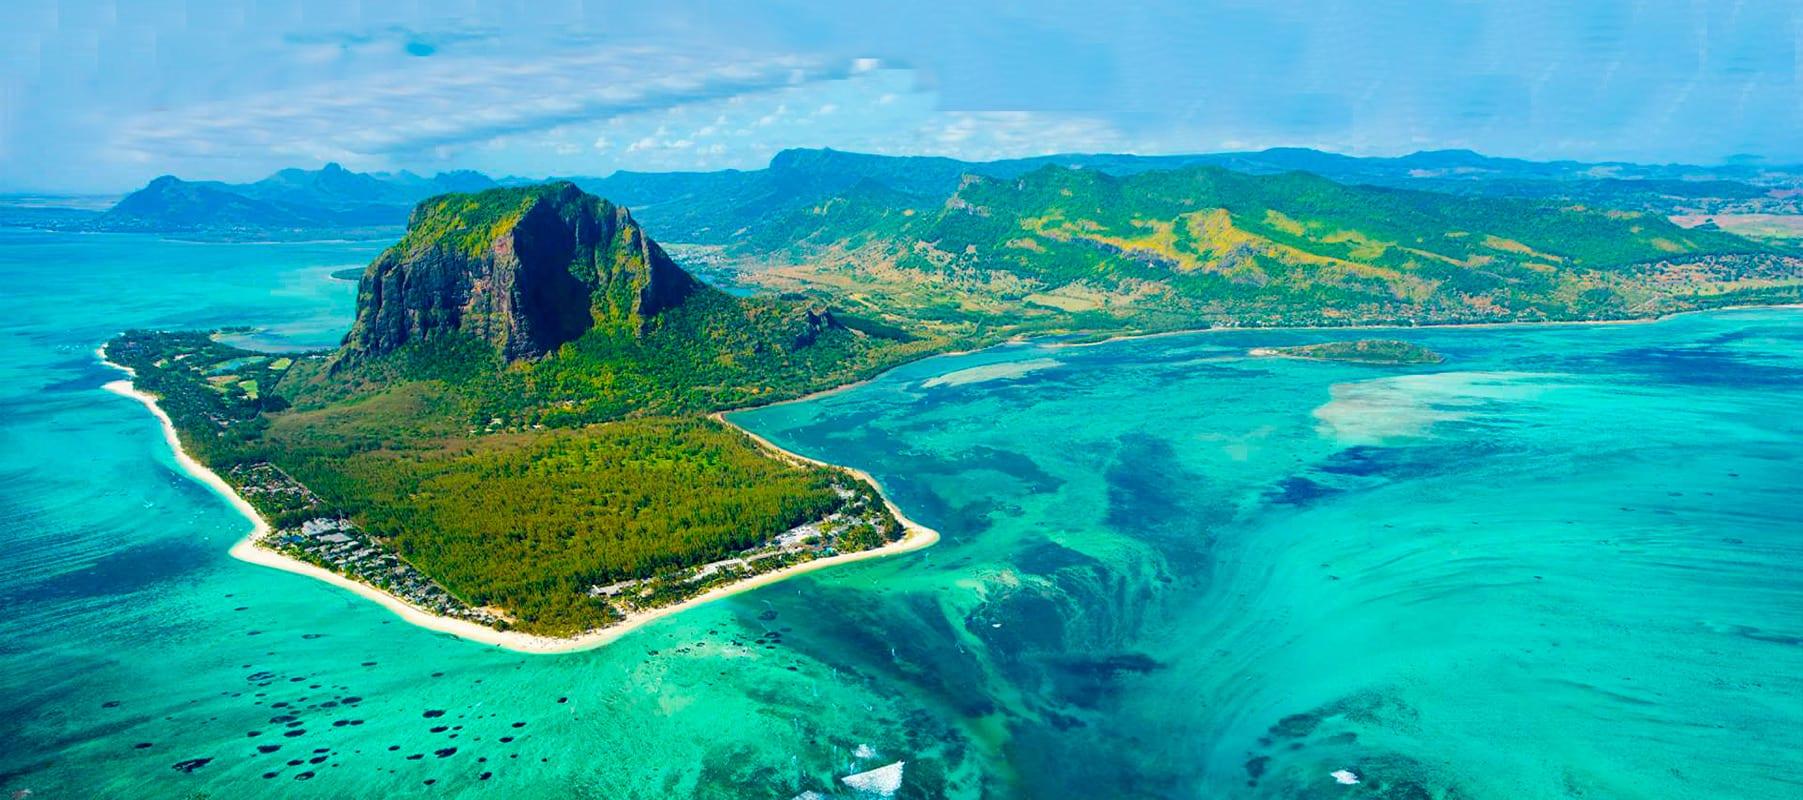 7 atrações imperdíveis para se conhecer nas Ilhas Maurício